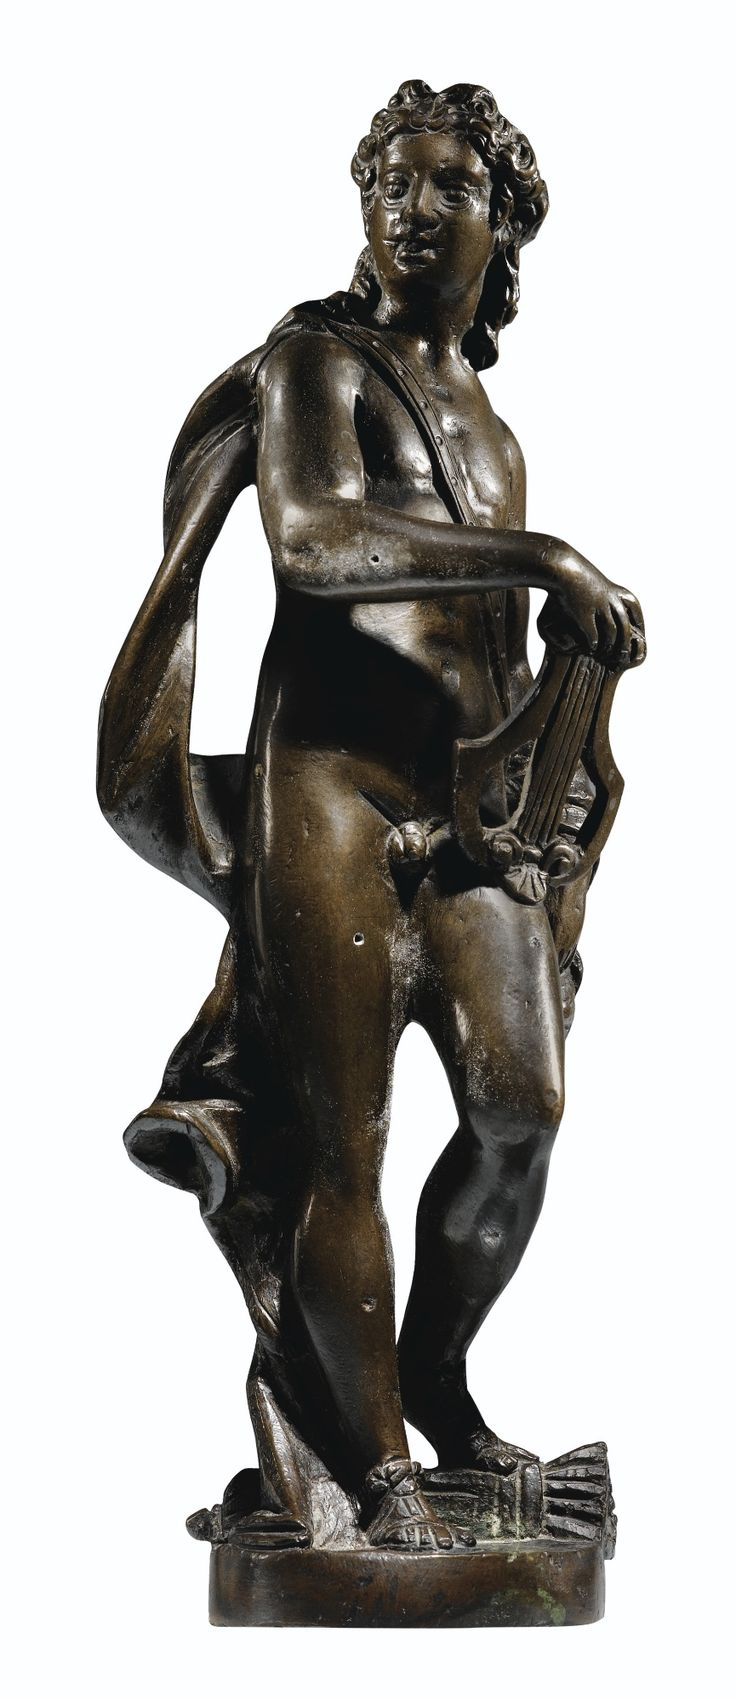 Très 353 best Sculpture images on Pinterest | Bronze, Joseph and Auction WF49